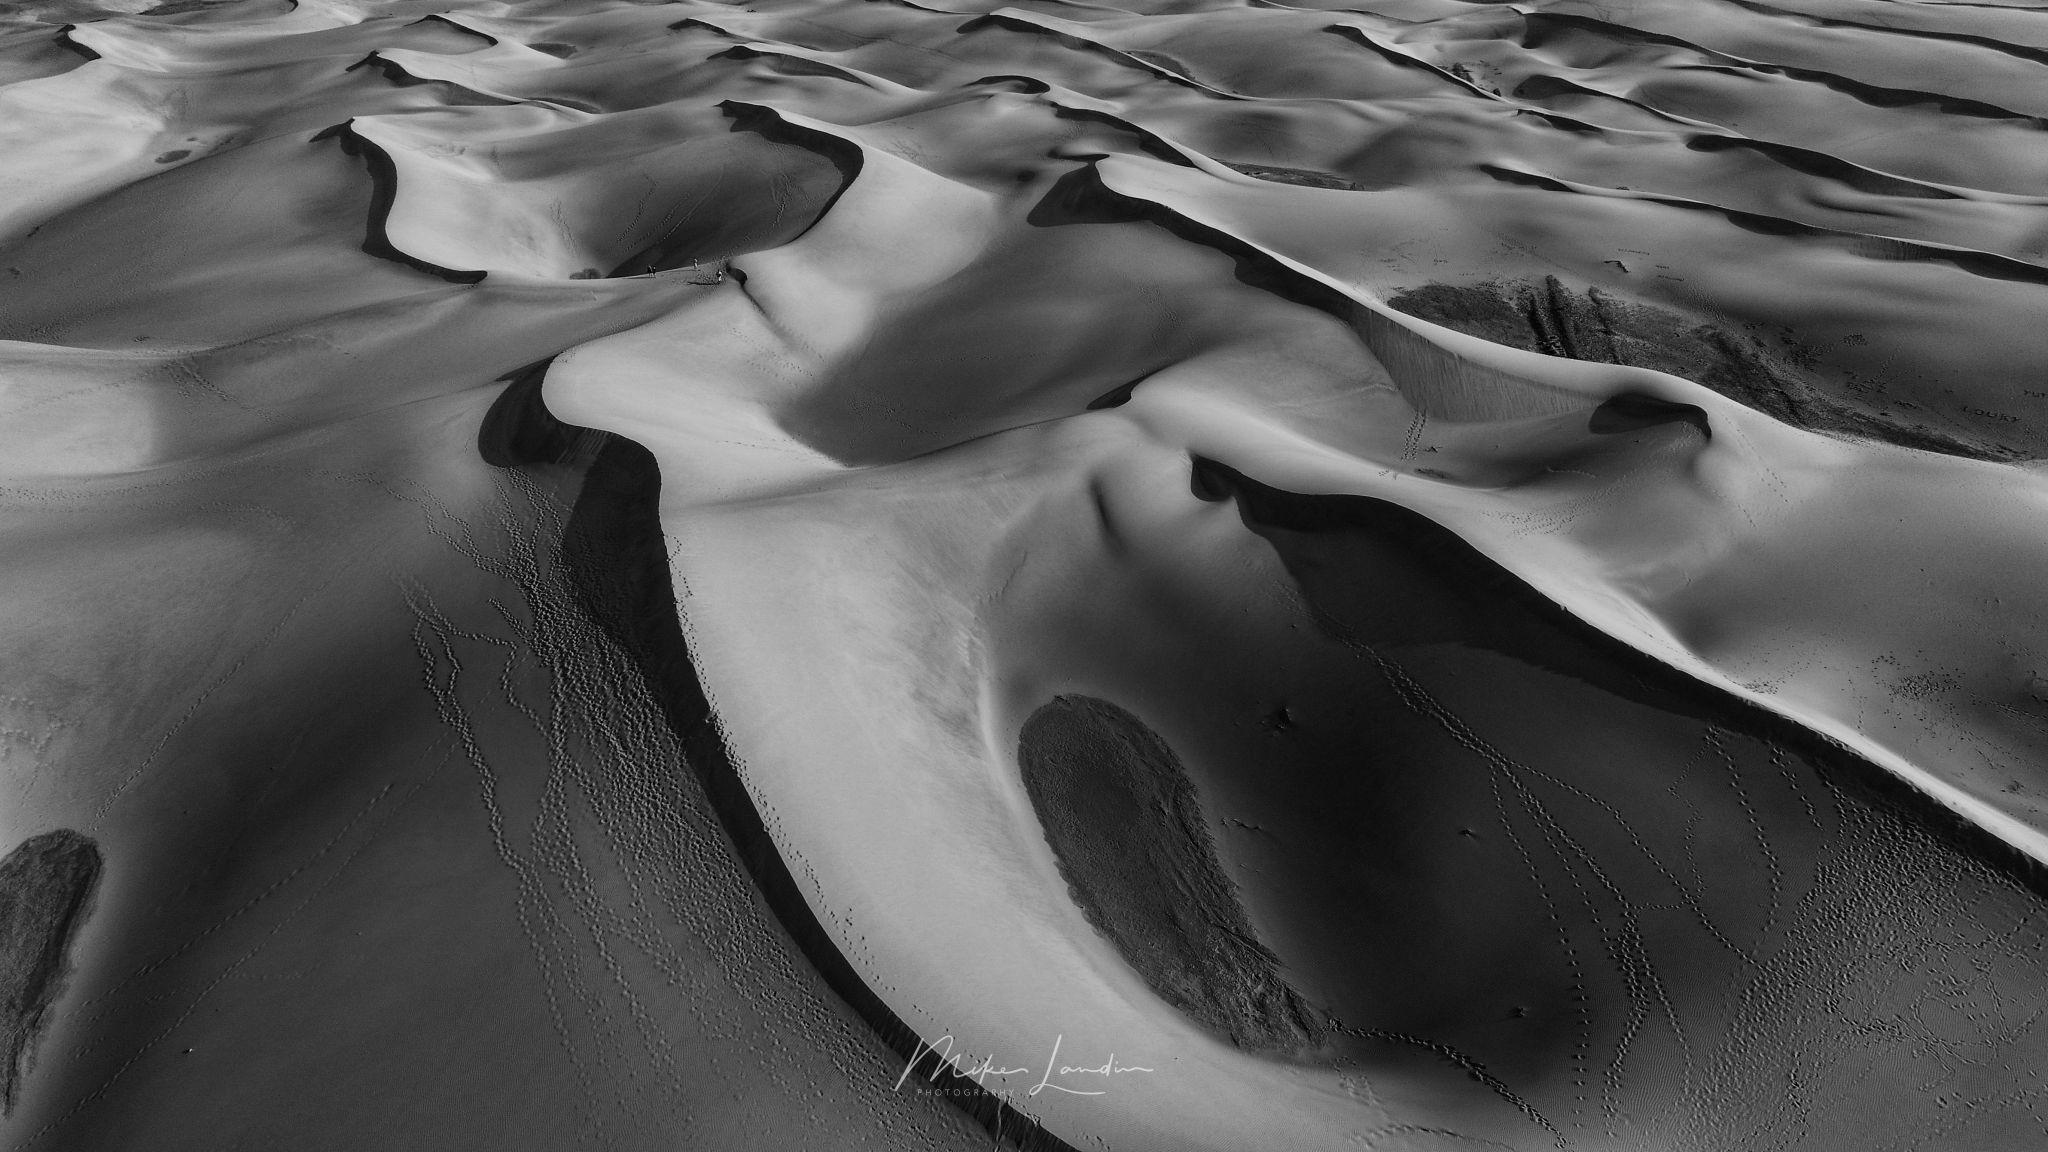 Dunas de Maspalomas- Maspaloma's dunes, Spain